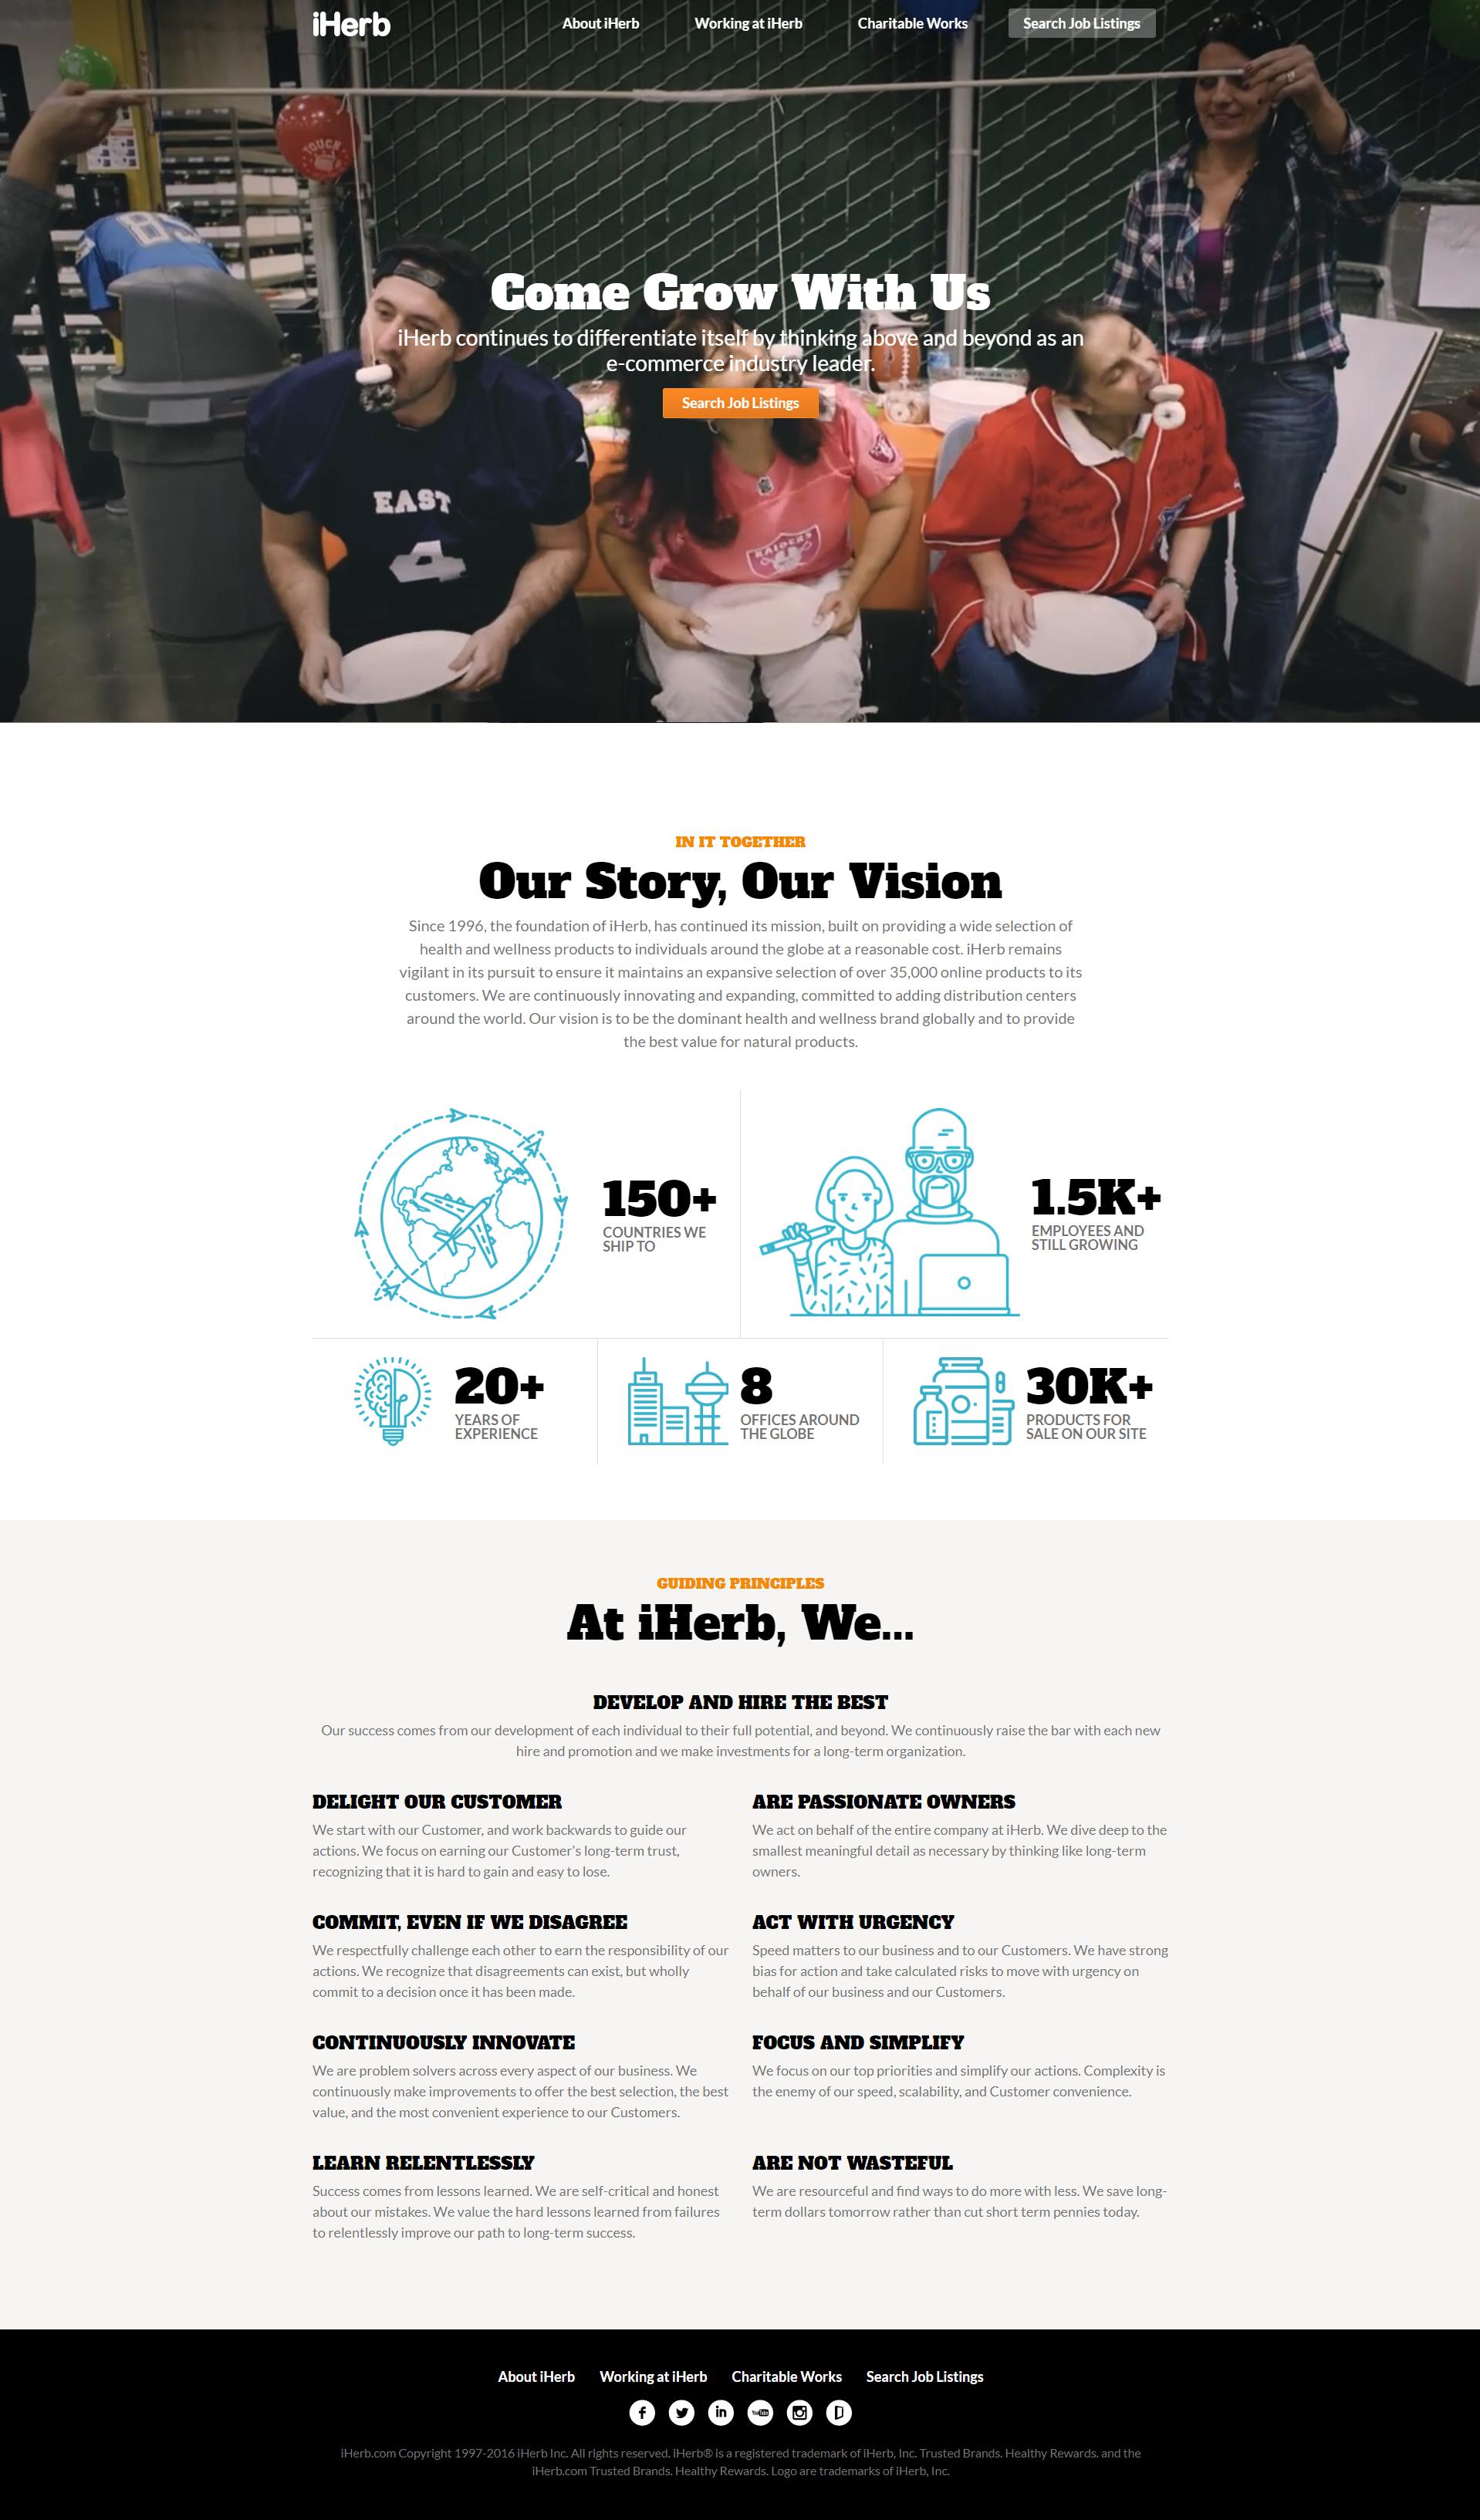 iHerb career page